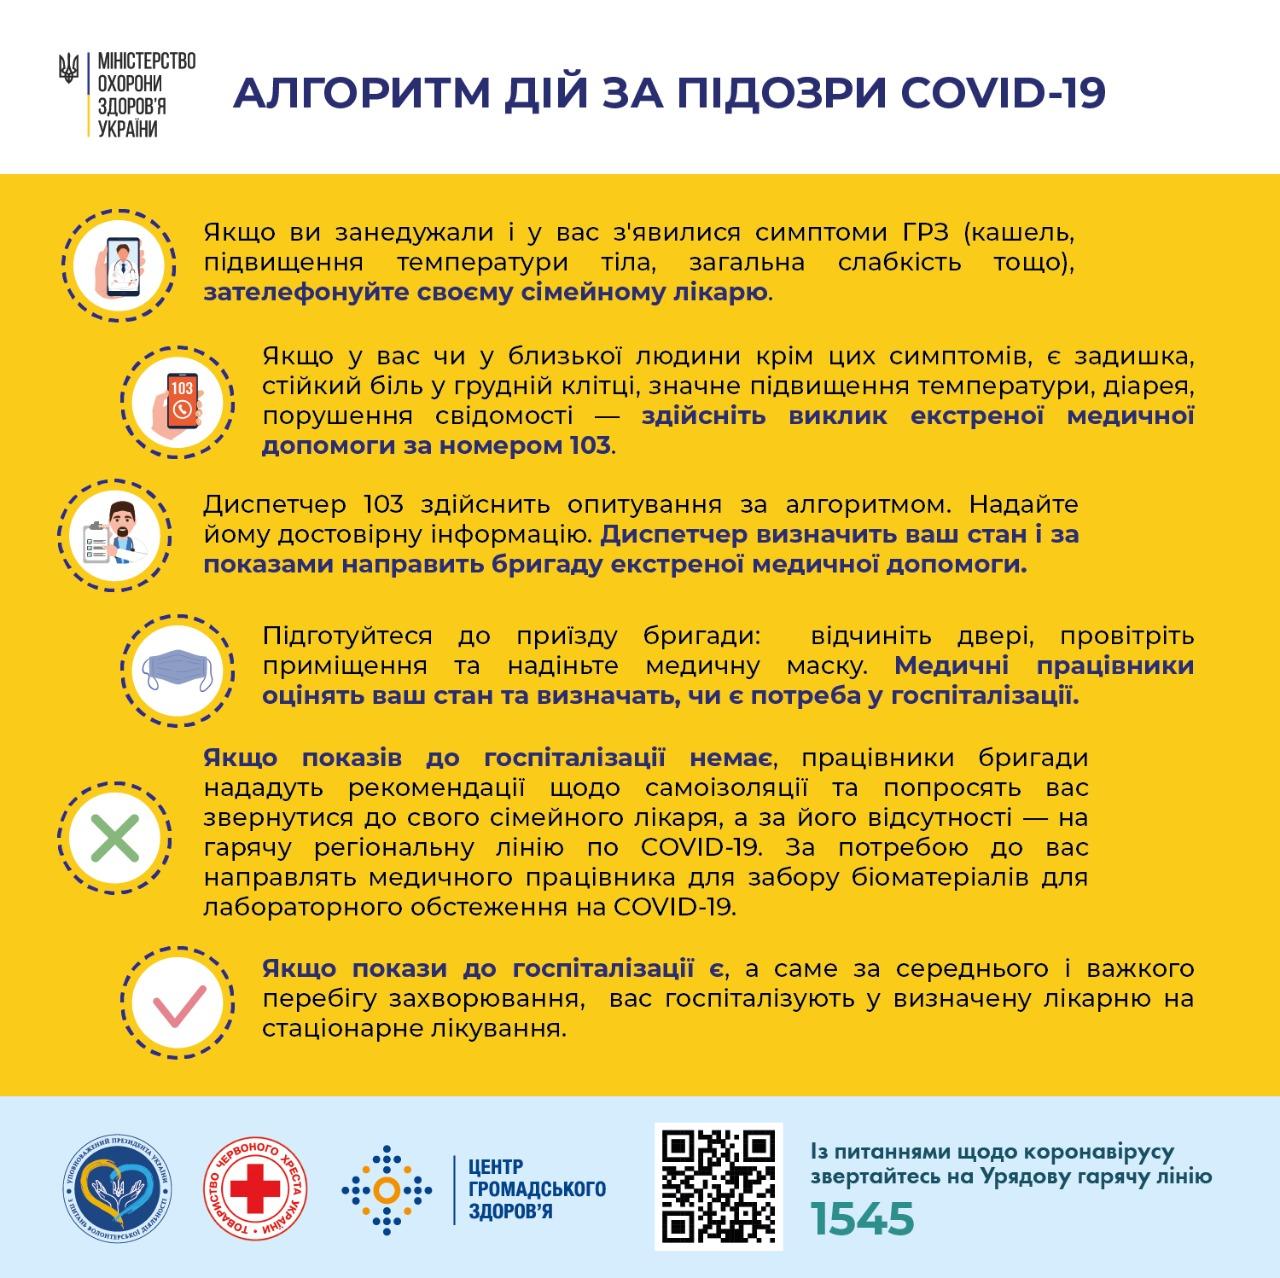 Алгоритм дій за підозри COVID-19 | Черкаська районна адміністрація